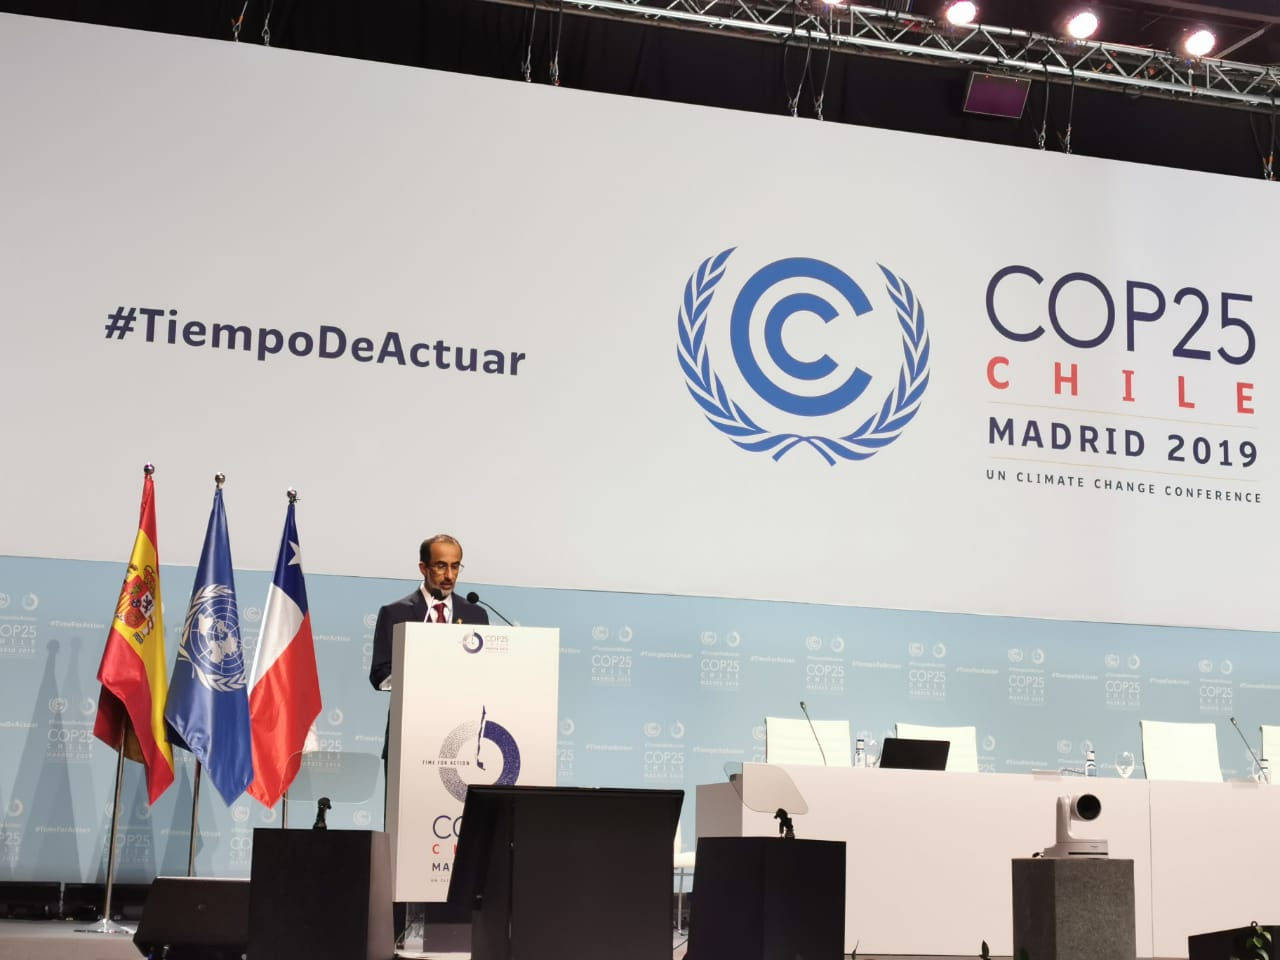 السلطنة تؤكد في قمة المناخ بمدريد على المضي قدما في إلتزاماتها الدولية